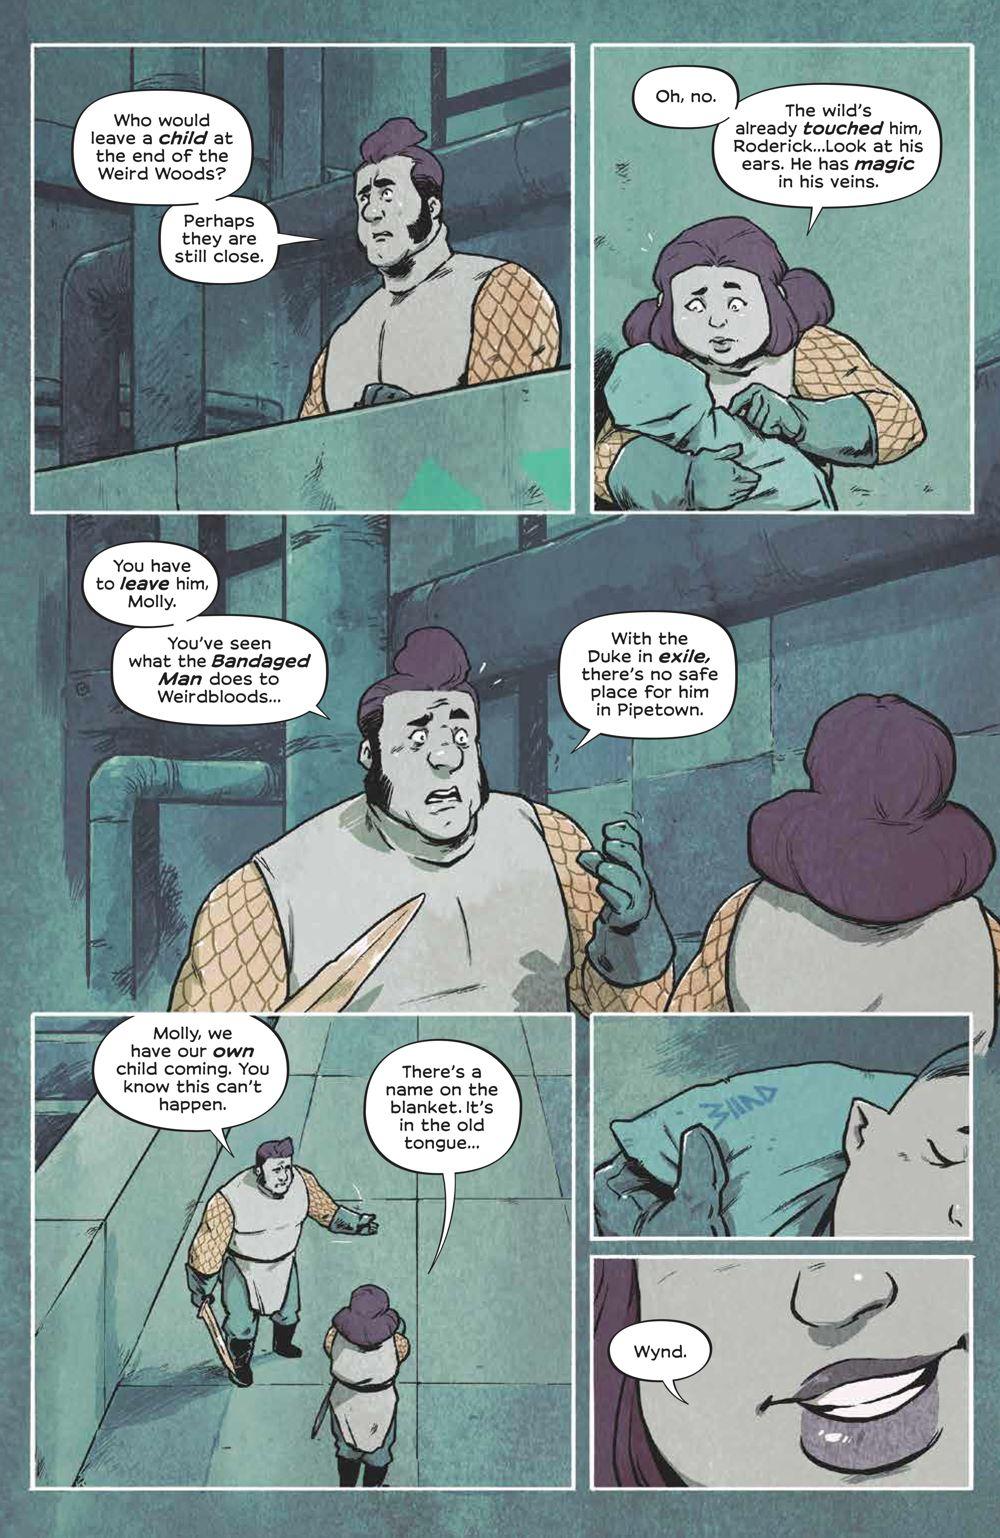 Wynd_006_PRESS_5 ComicList Previews: WYND #6 (OF 5)